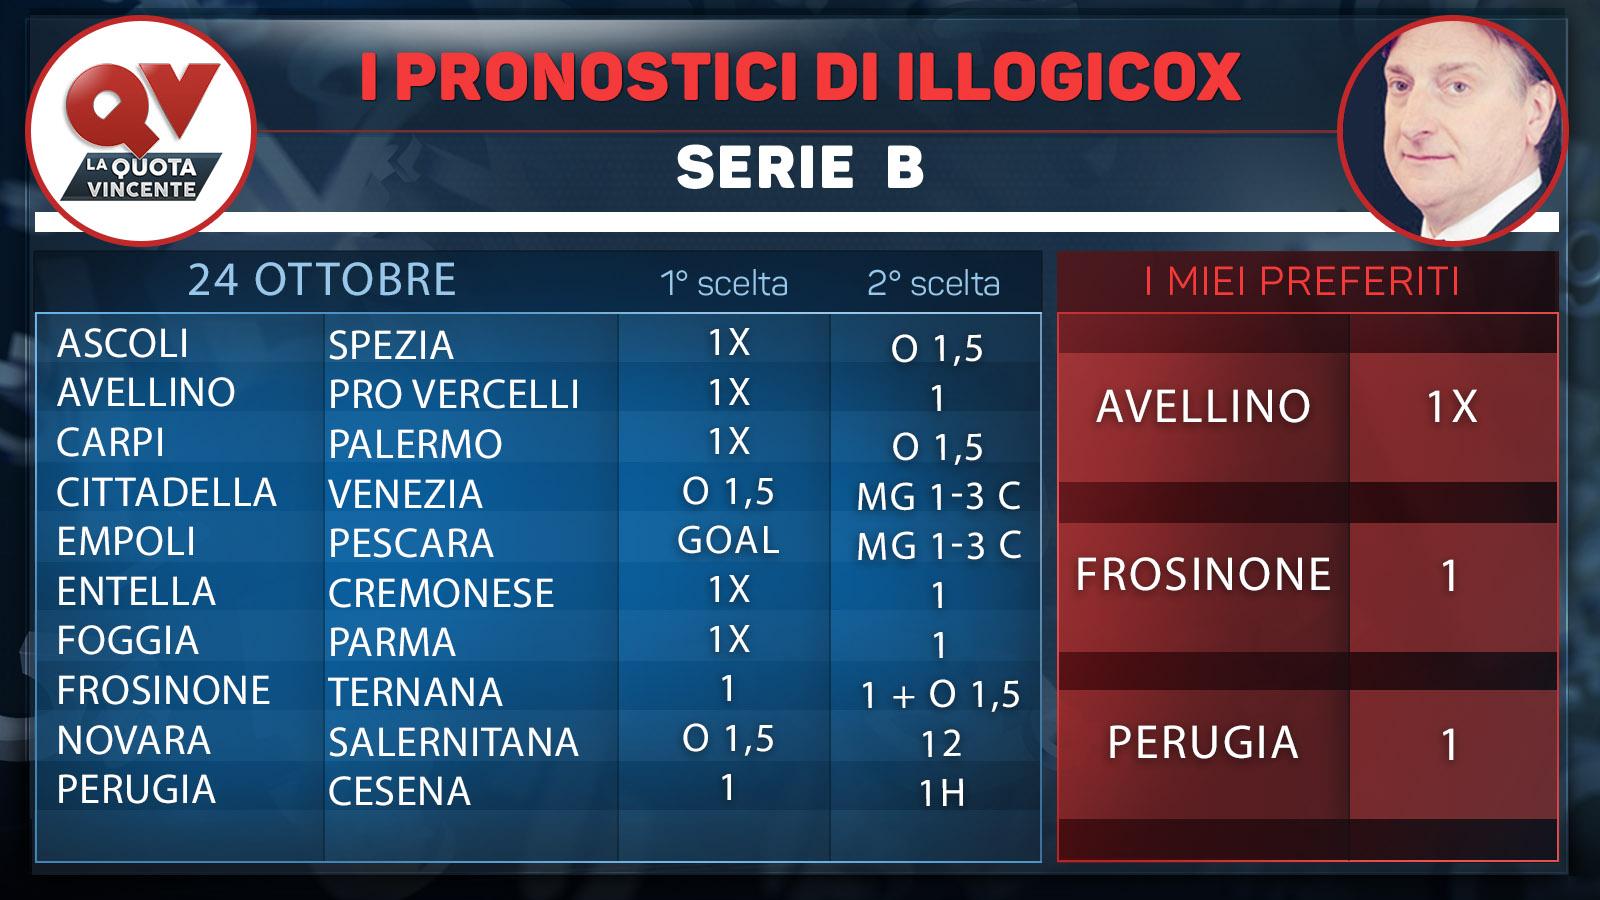 Pronostici di Illogicox turno infrasettimanale Serie A Serie B Copa del Rey Carabao Cup Coupe de la Ligue DFB Pokal Coppa Inghilterra Spagna Francia Germania